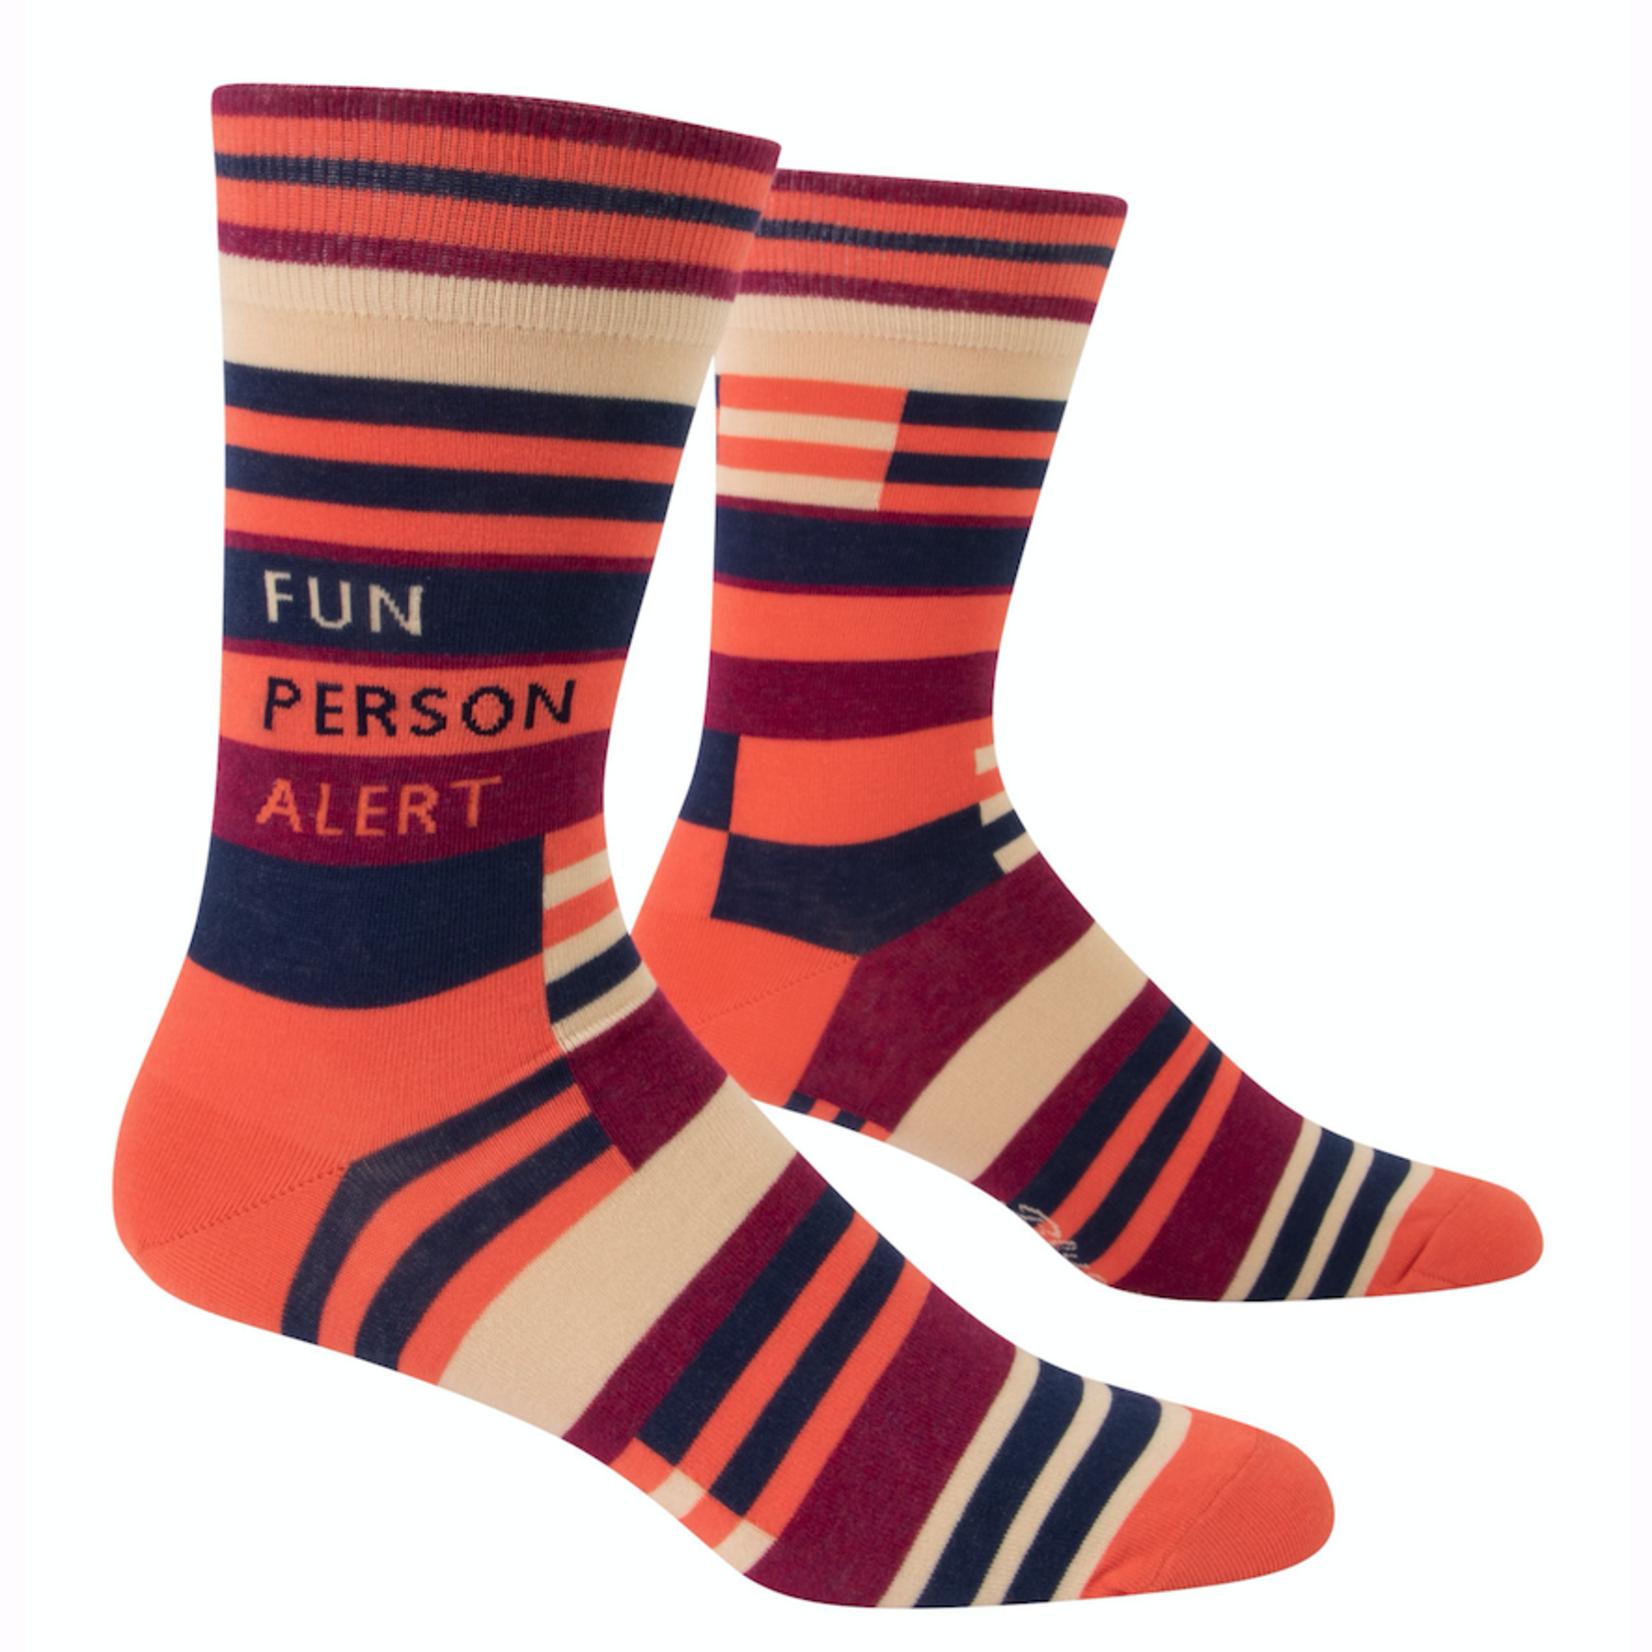 Fun Person Alert Men's Crew Socks